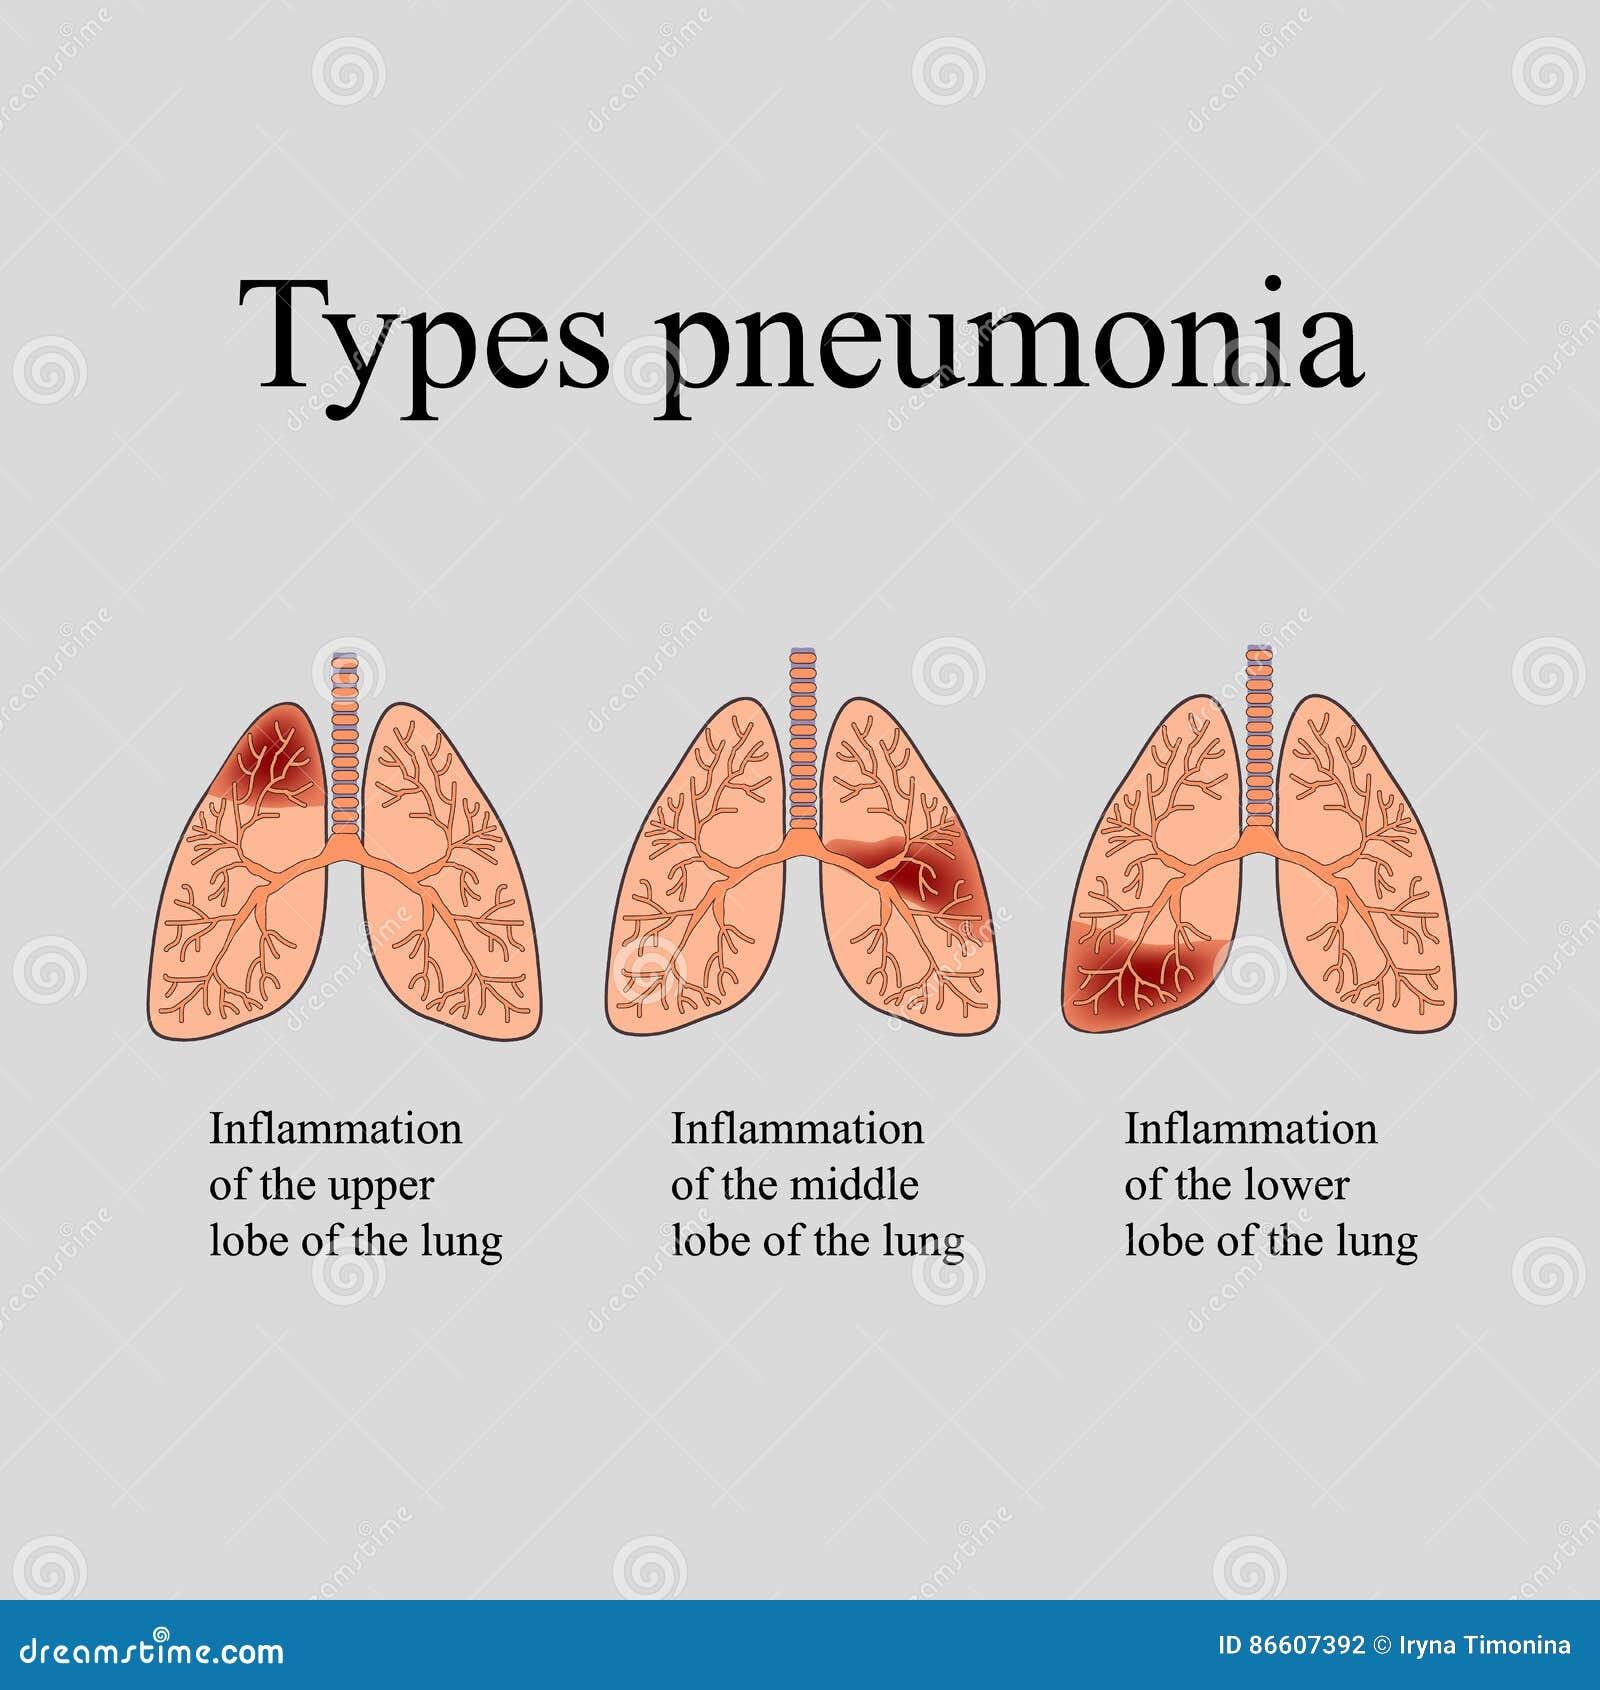 Pulmonía La Estructura Anatómica Del Pulmón Humano Tipo De Pulmonía ...